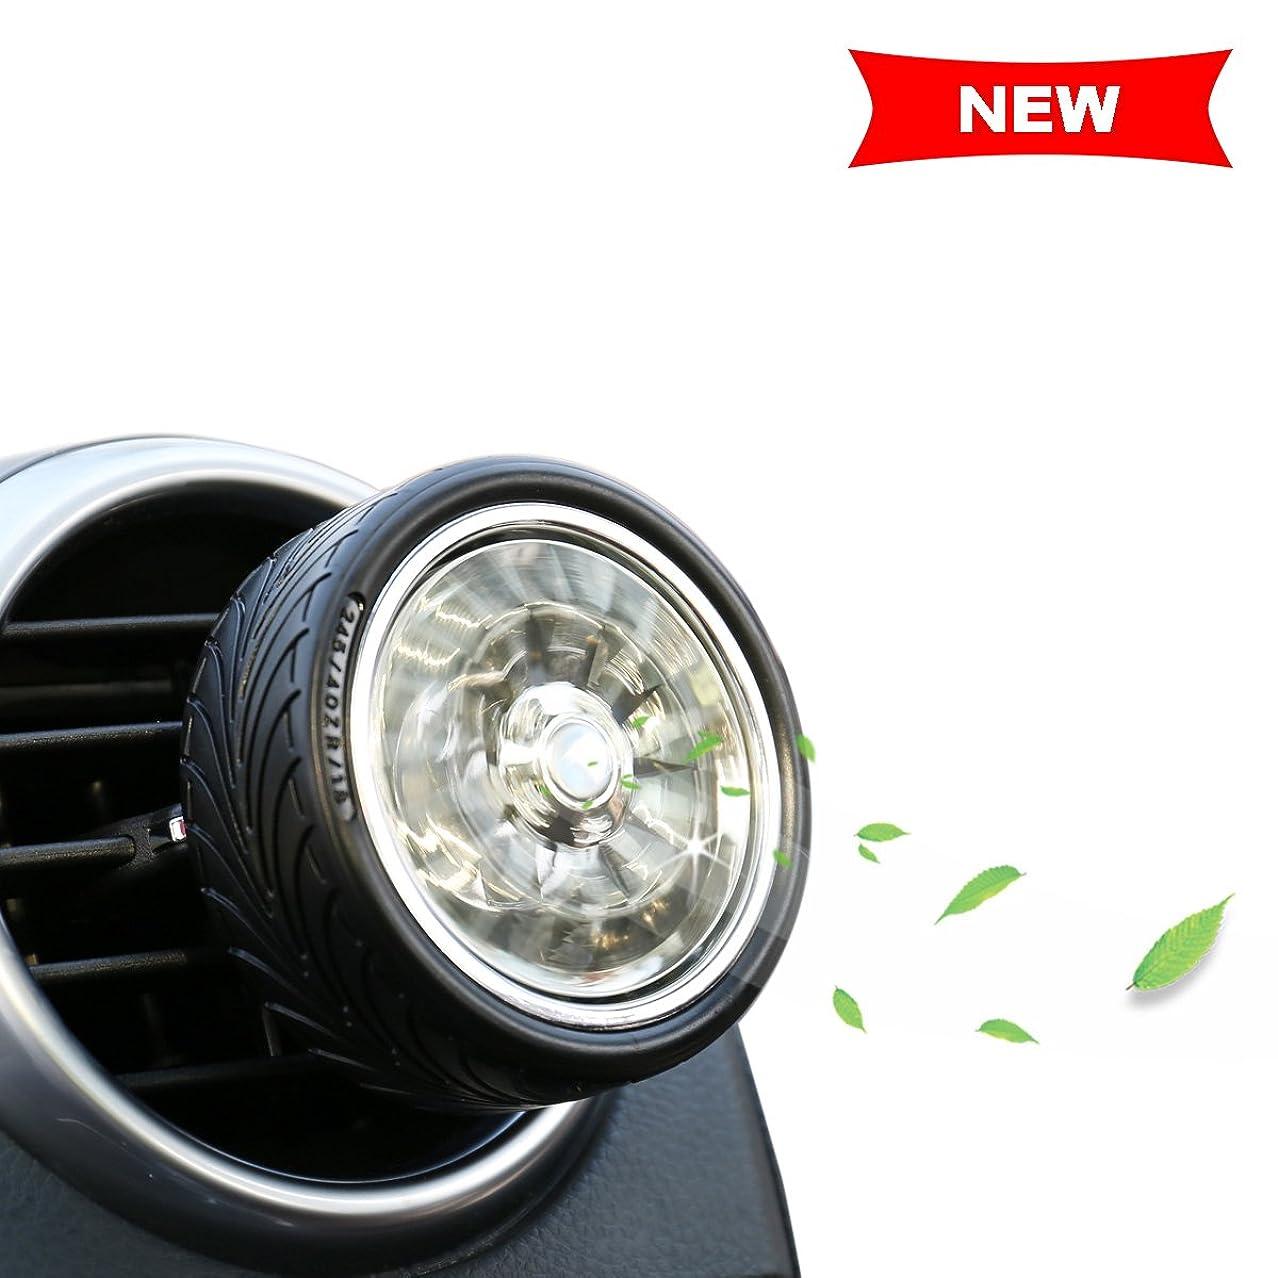 切り刻む持続的トイレAromatherapy Essential Oil Diffuser Car Air Freshener匂い、煙、臭気削除イオンエアークリーナー、シガレット、ほこり、なアクセサリーの自動車/ RV &車ギフト| CE、FCC、ROHS認定 1 Pack ブラウン CN-JYCXF01